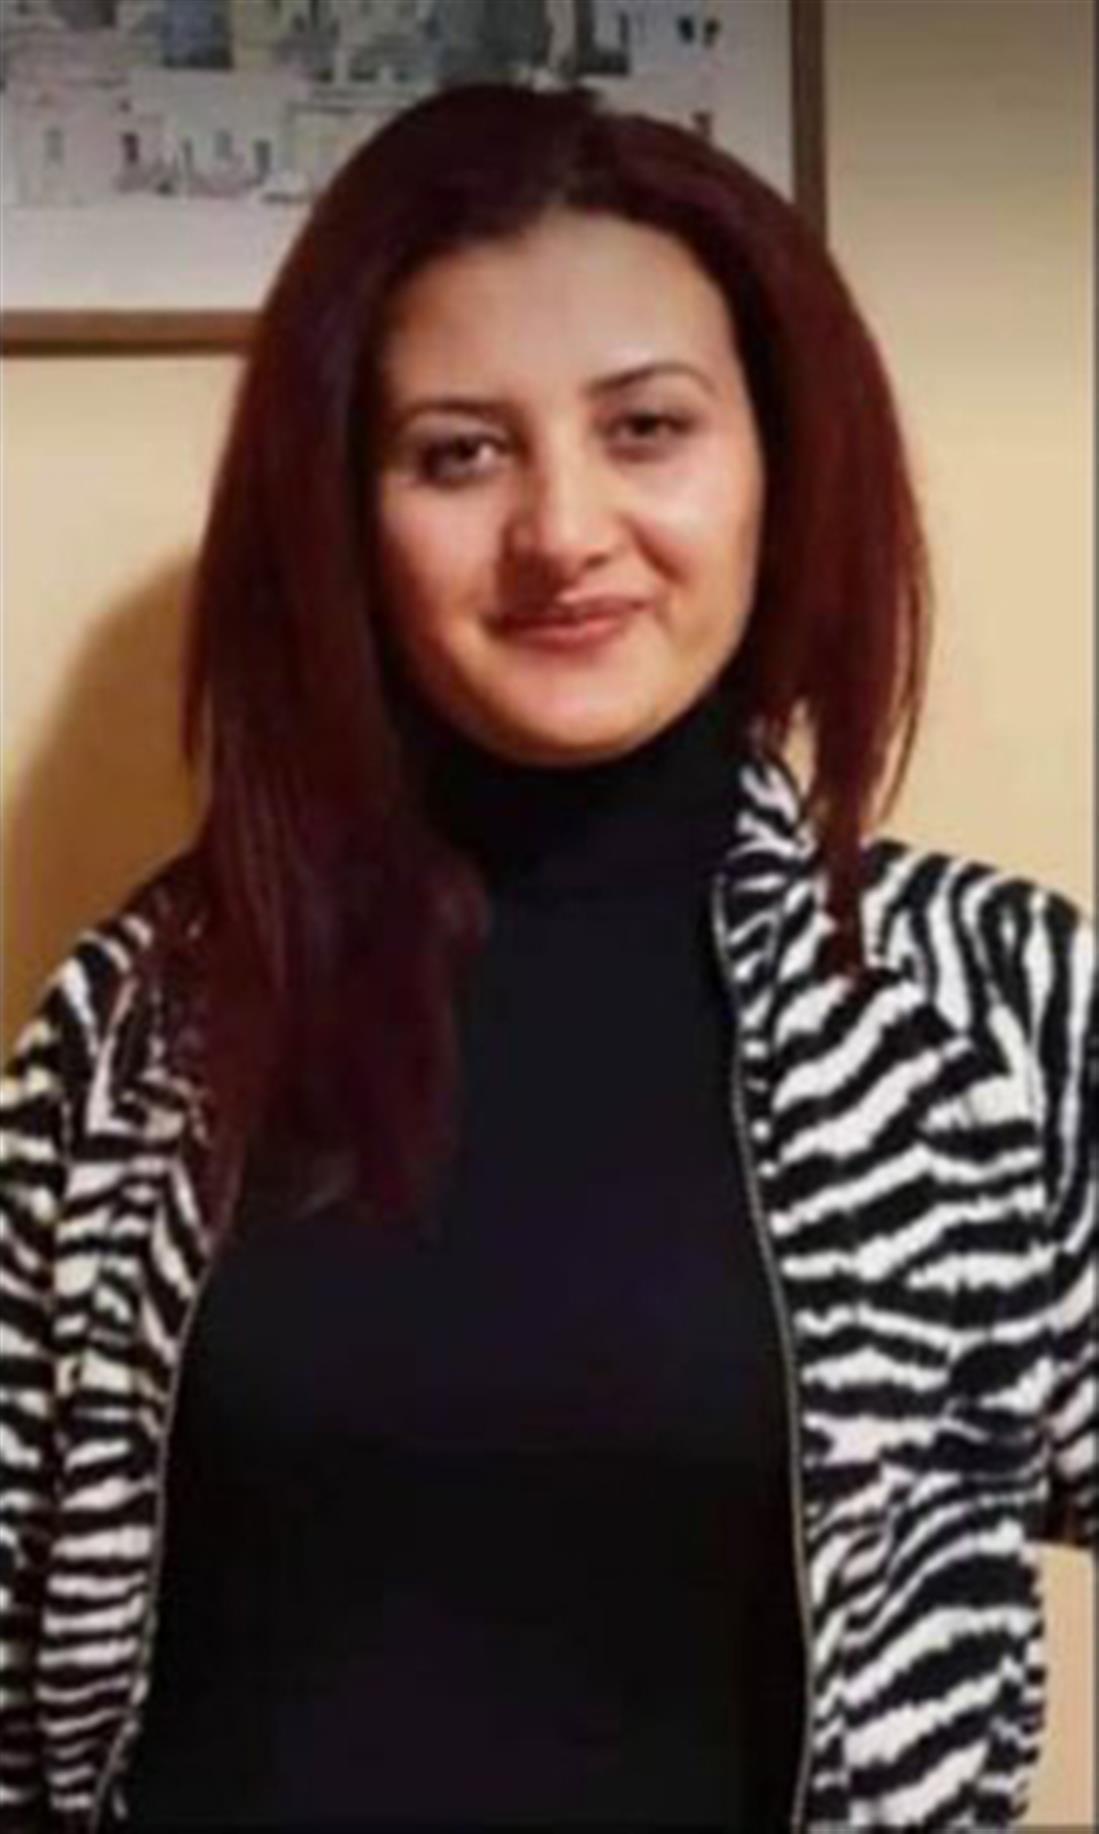 δολοφονία - Κούρδισσα μετανάστρια - Λαύριο